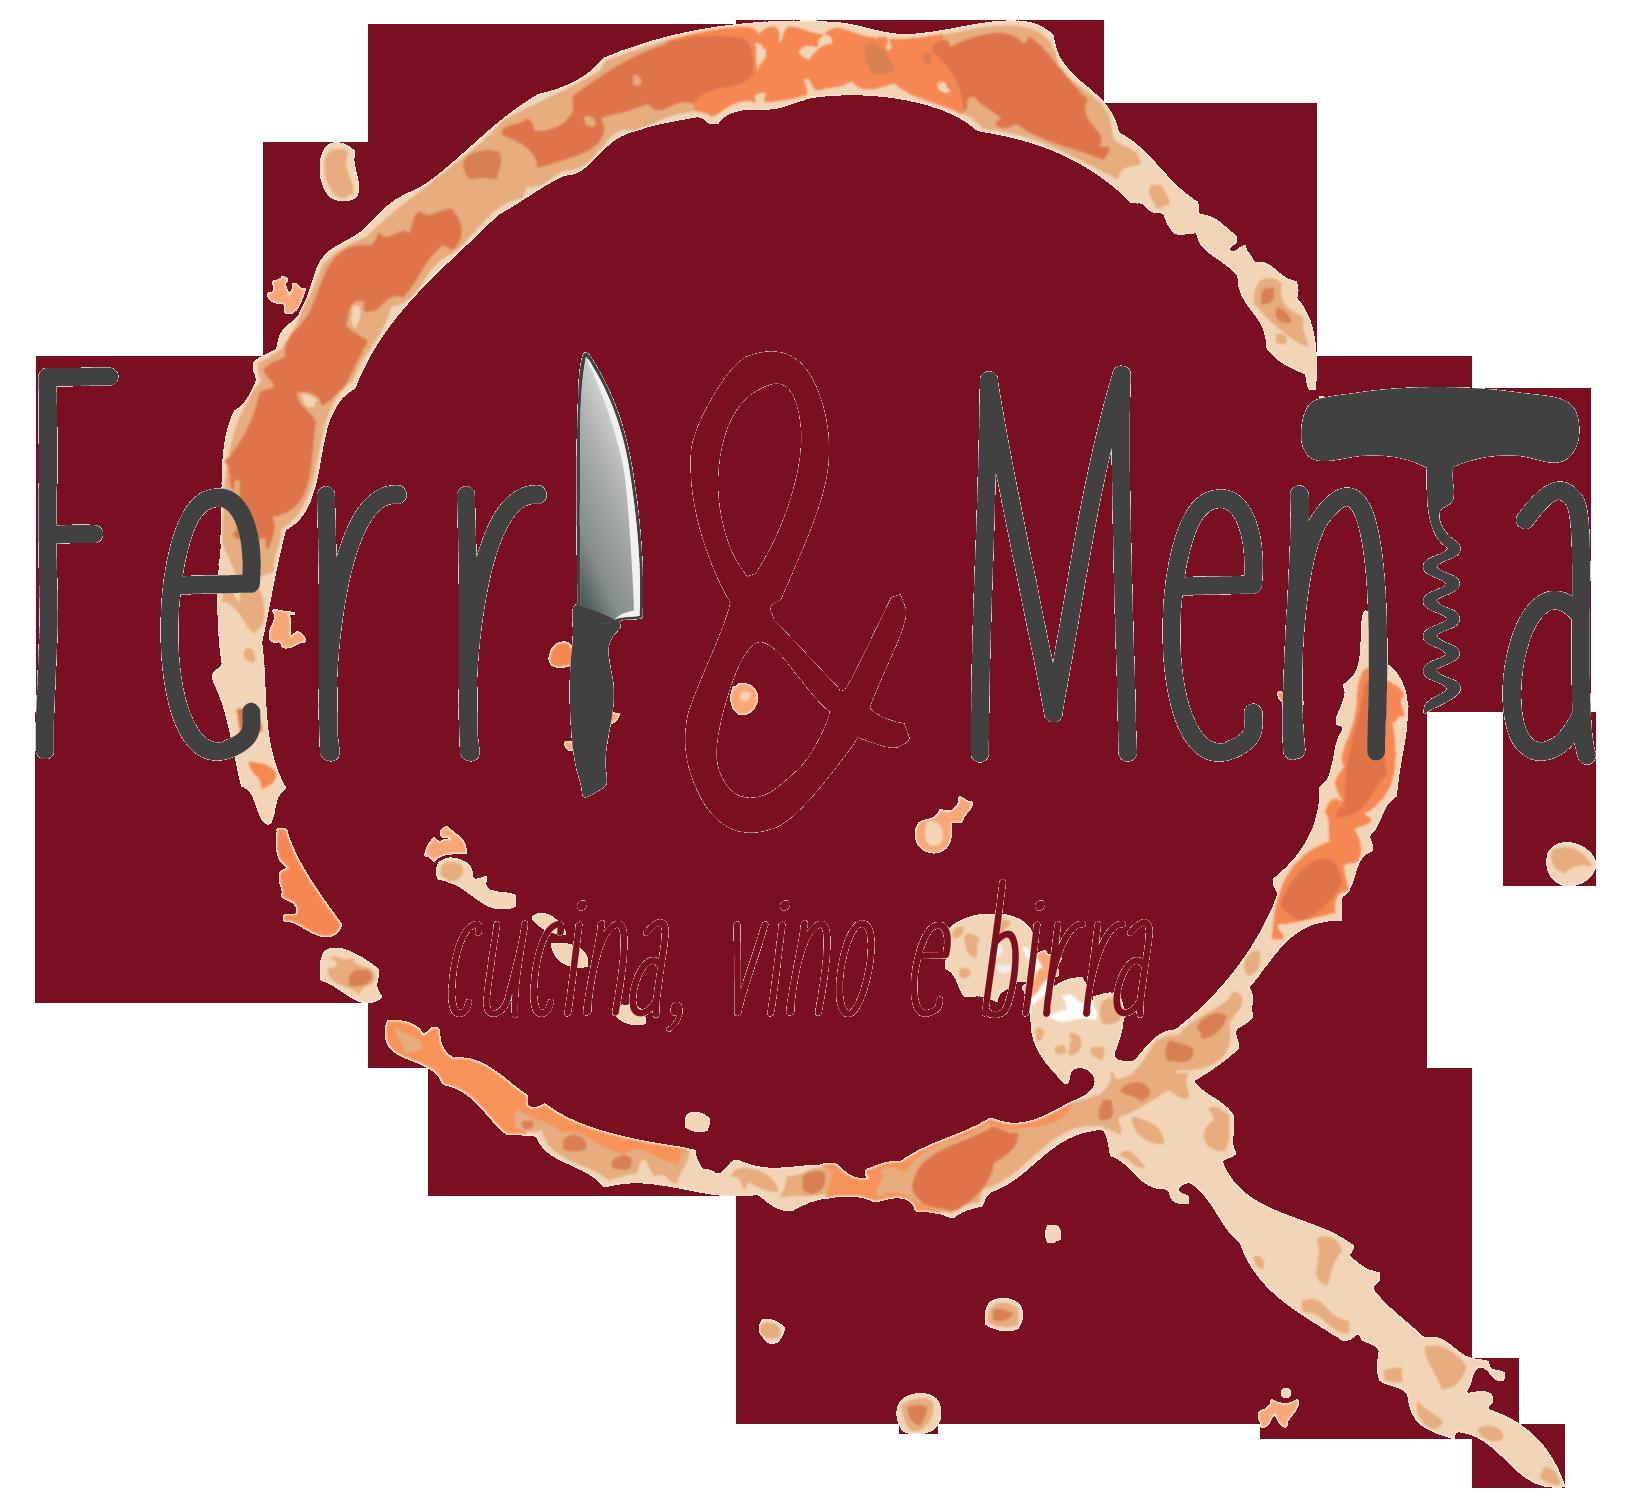 Ferri&Menta